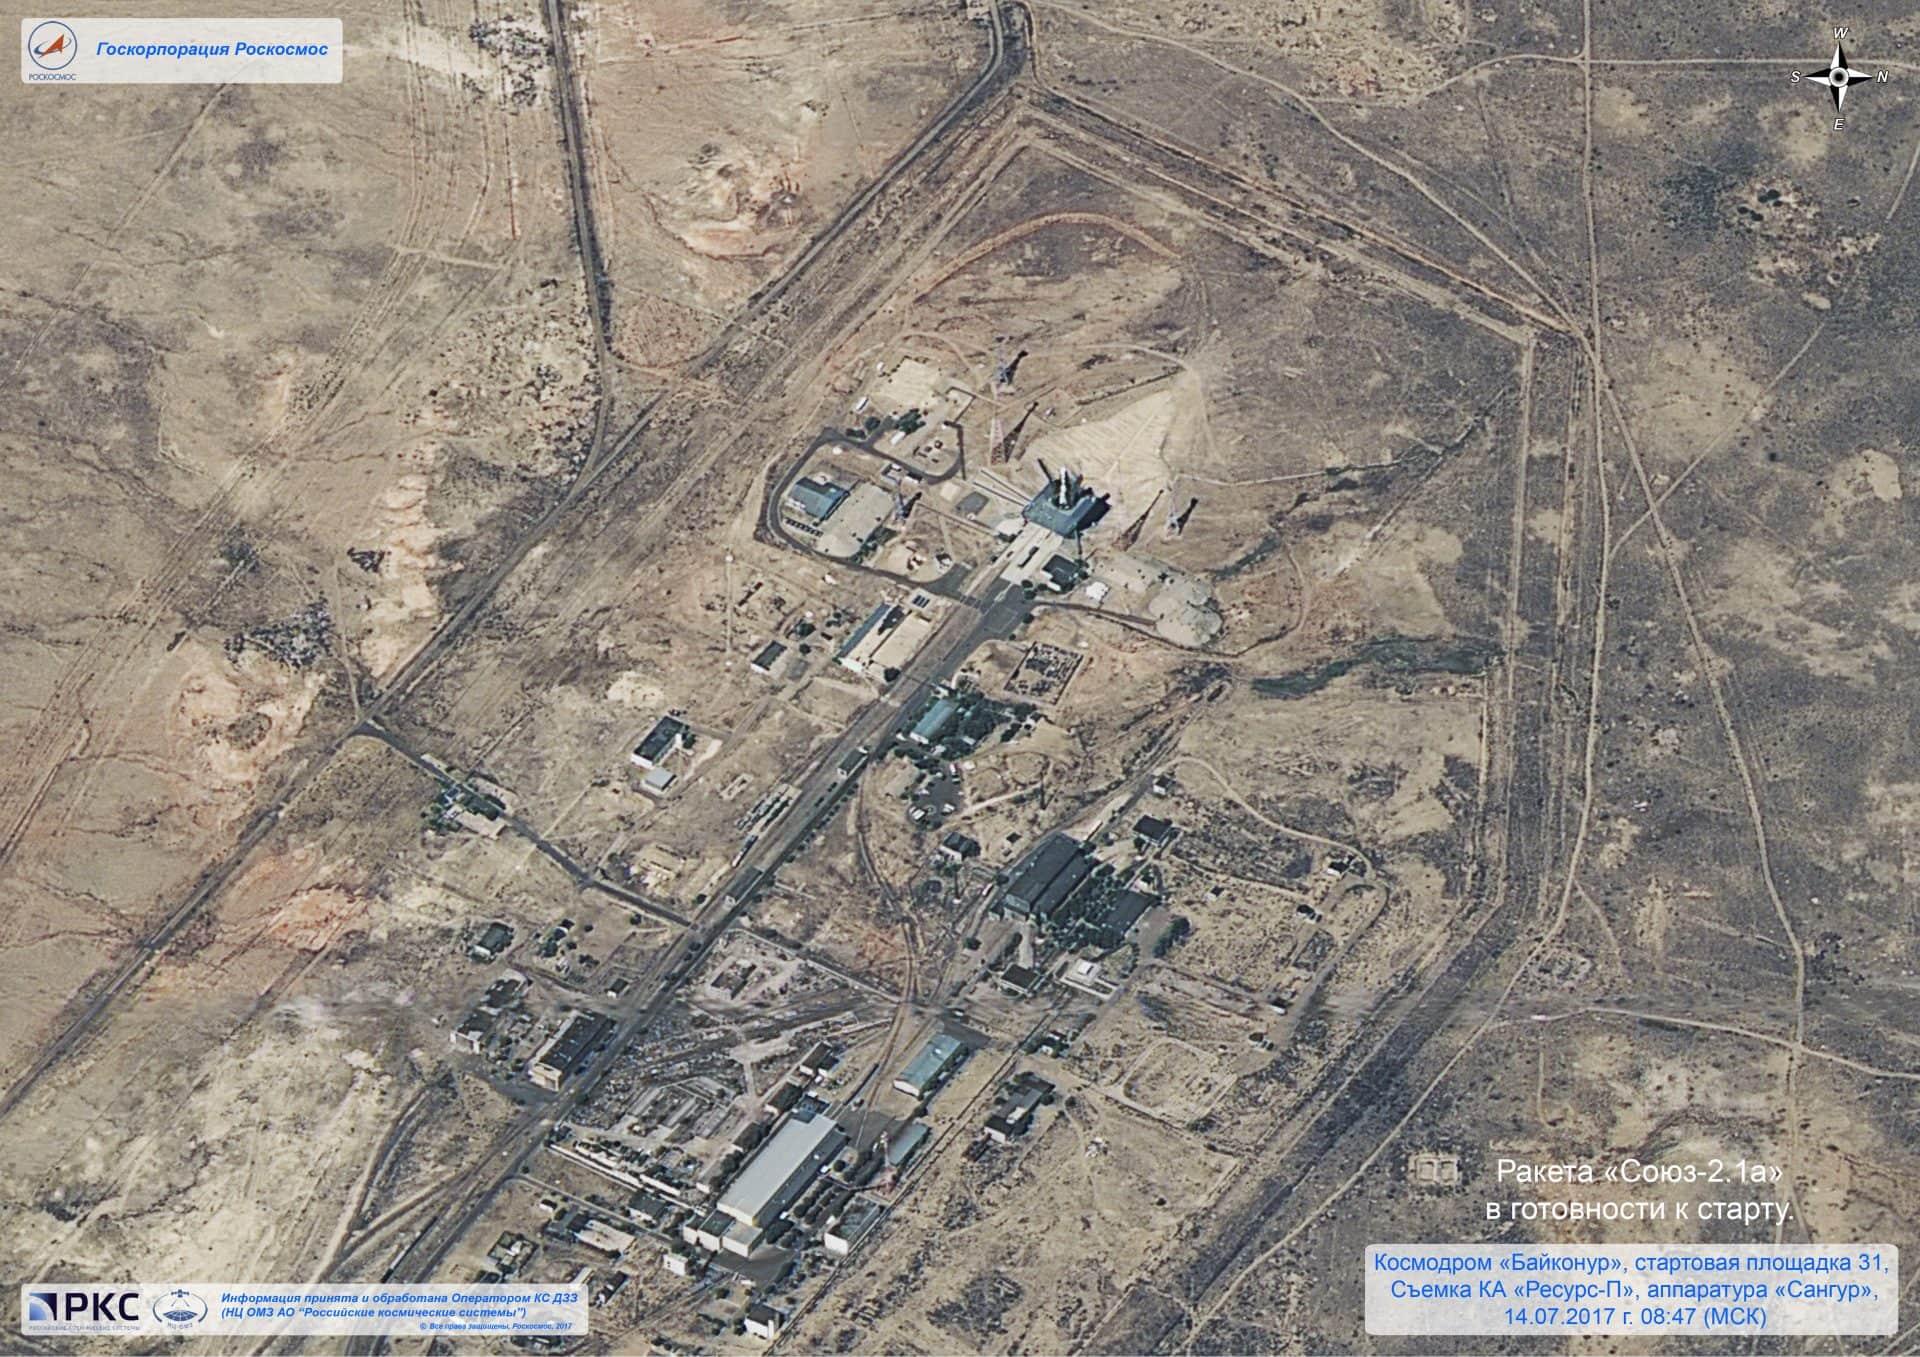 Satellite view of Soyuz 2 rocket Launch Complex 31/6